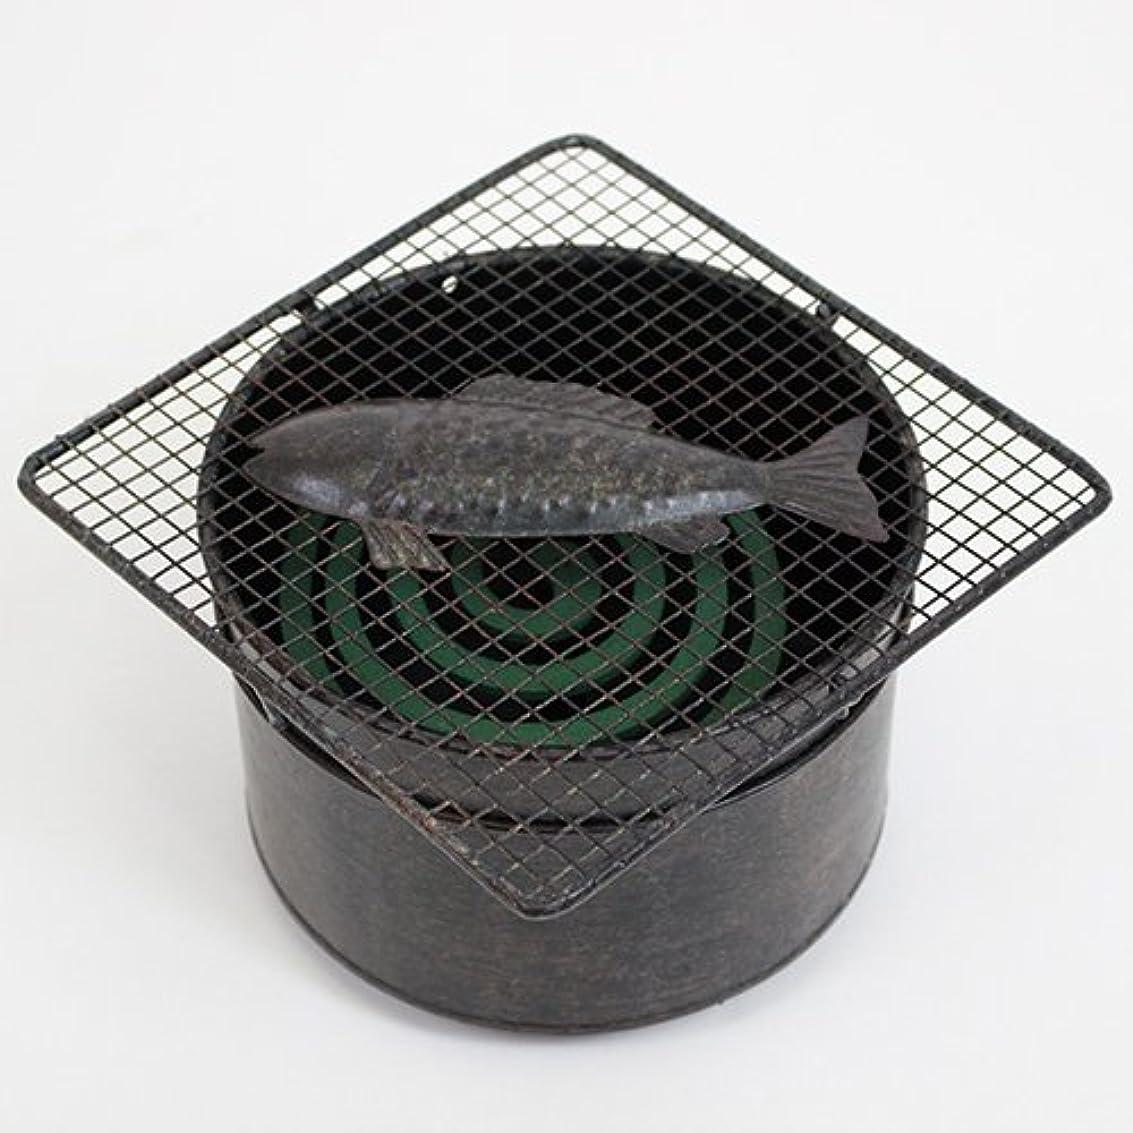 レンジ天国解釈する村田屋産業 防蚊 ブラック サイズ:W16×D16×H11cm、直径14.5cm